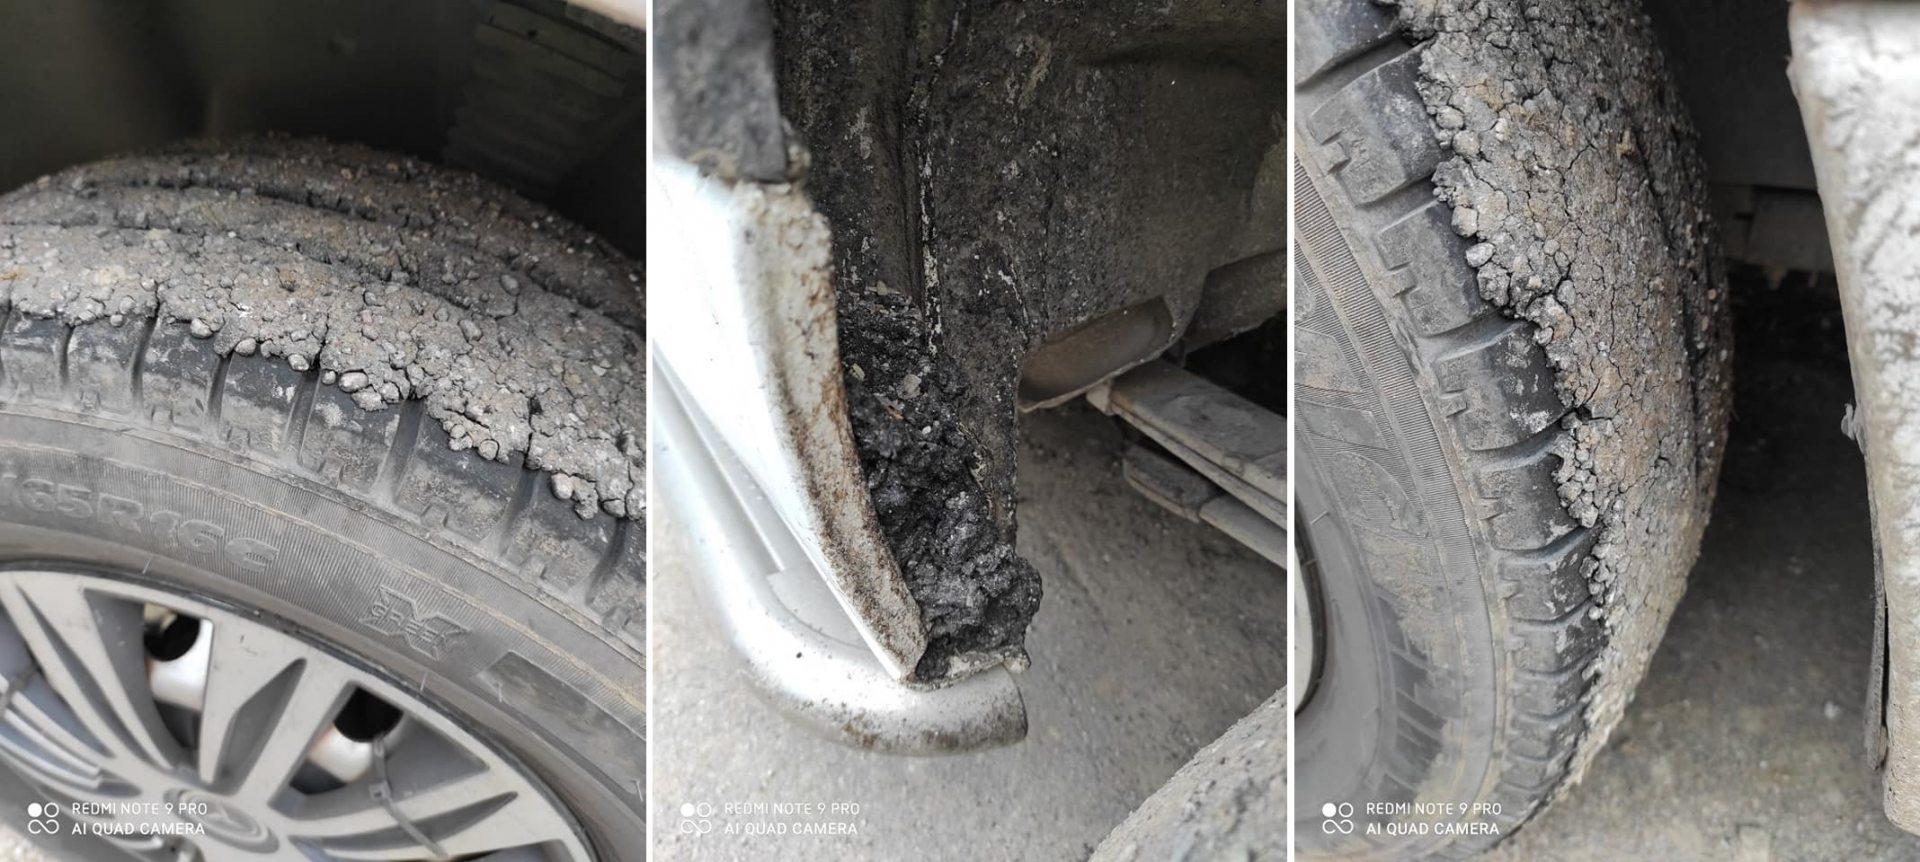 Водители Херсонщины жалуются на ремонт дороги Херсон - Железный Порт